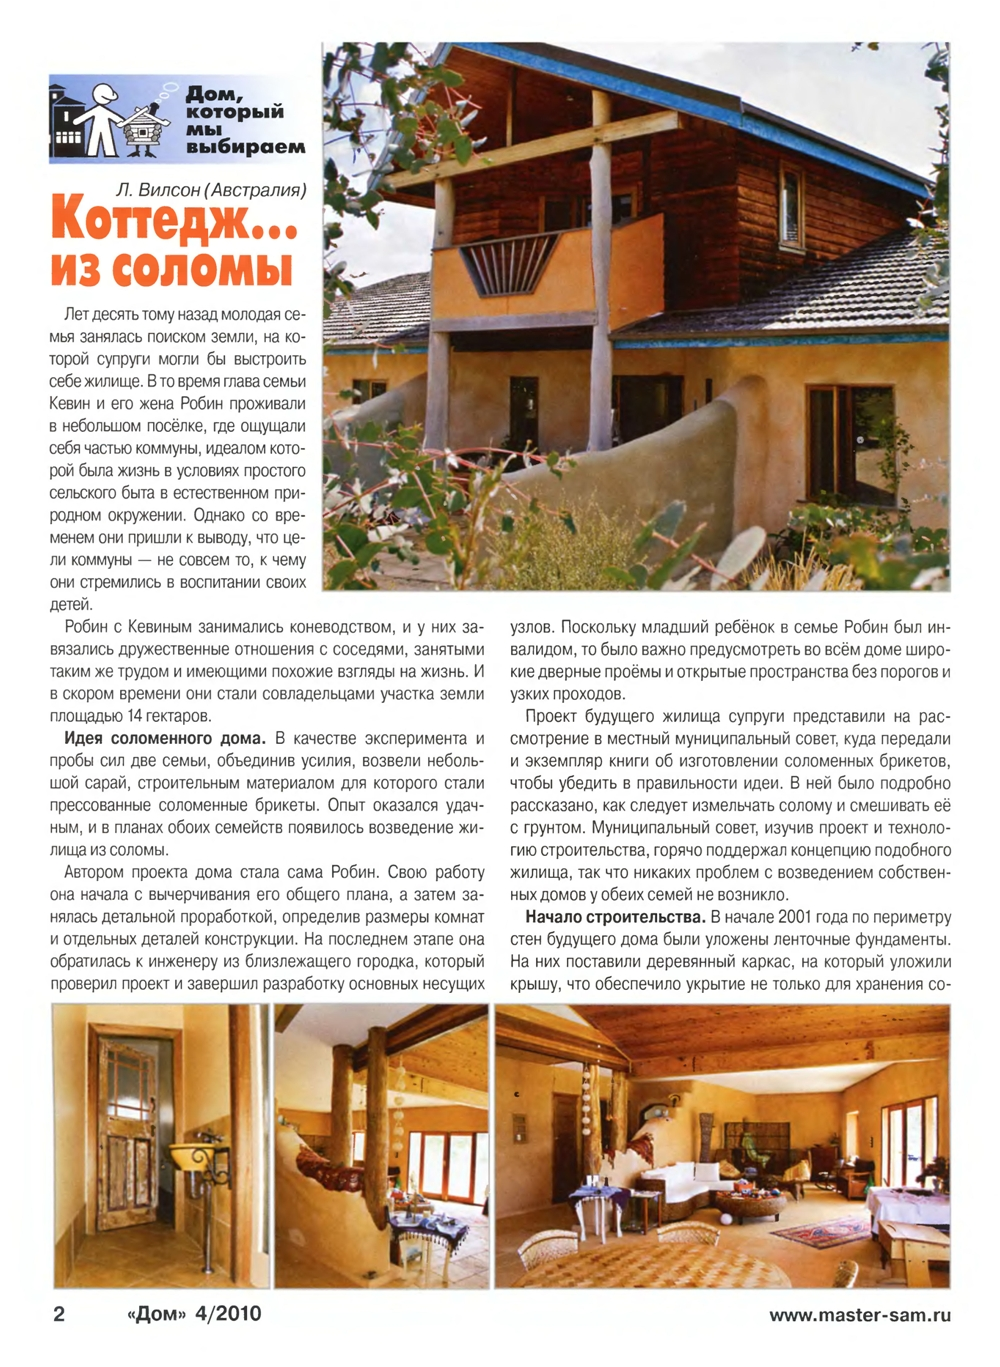 http://s3.hostingkartinok.com/uploads/images/2013/08/11d27e9481ae83cf26d5a6568dad84c9.jpg